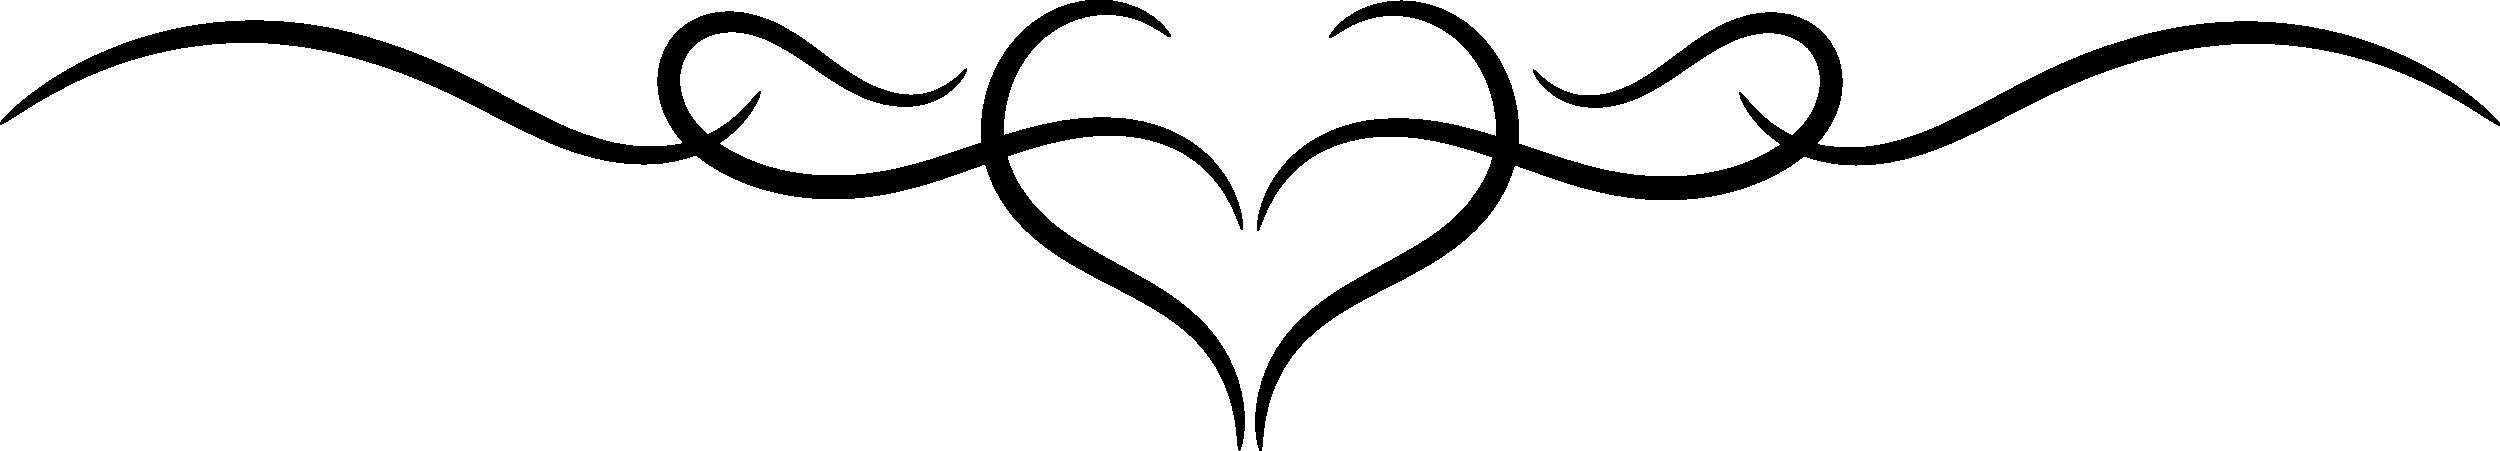 jpg PNG Page Divider Transparent Page Divider